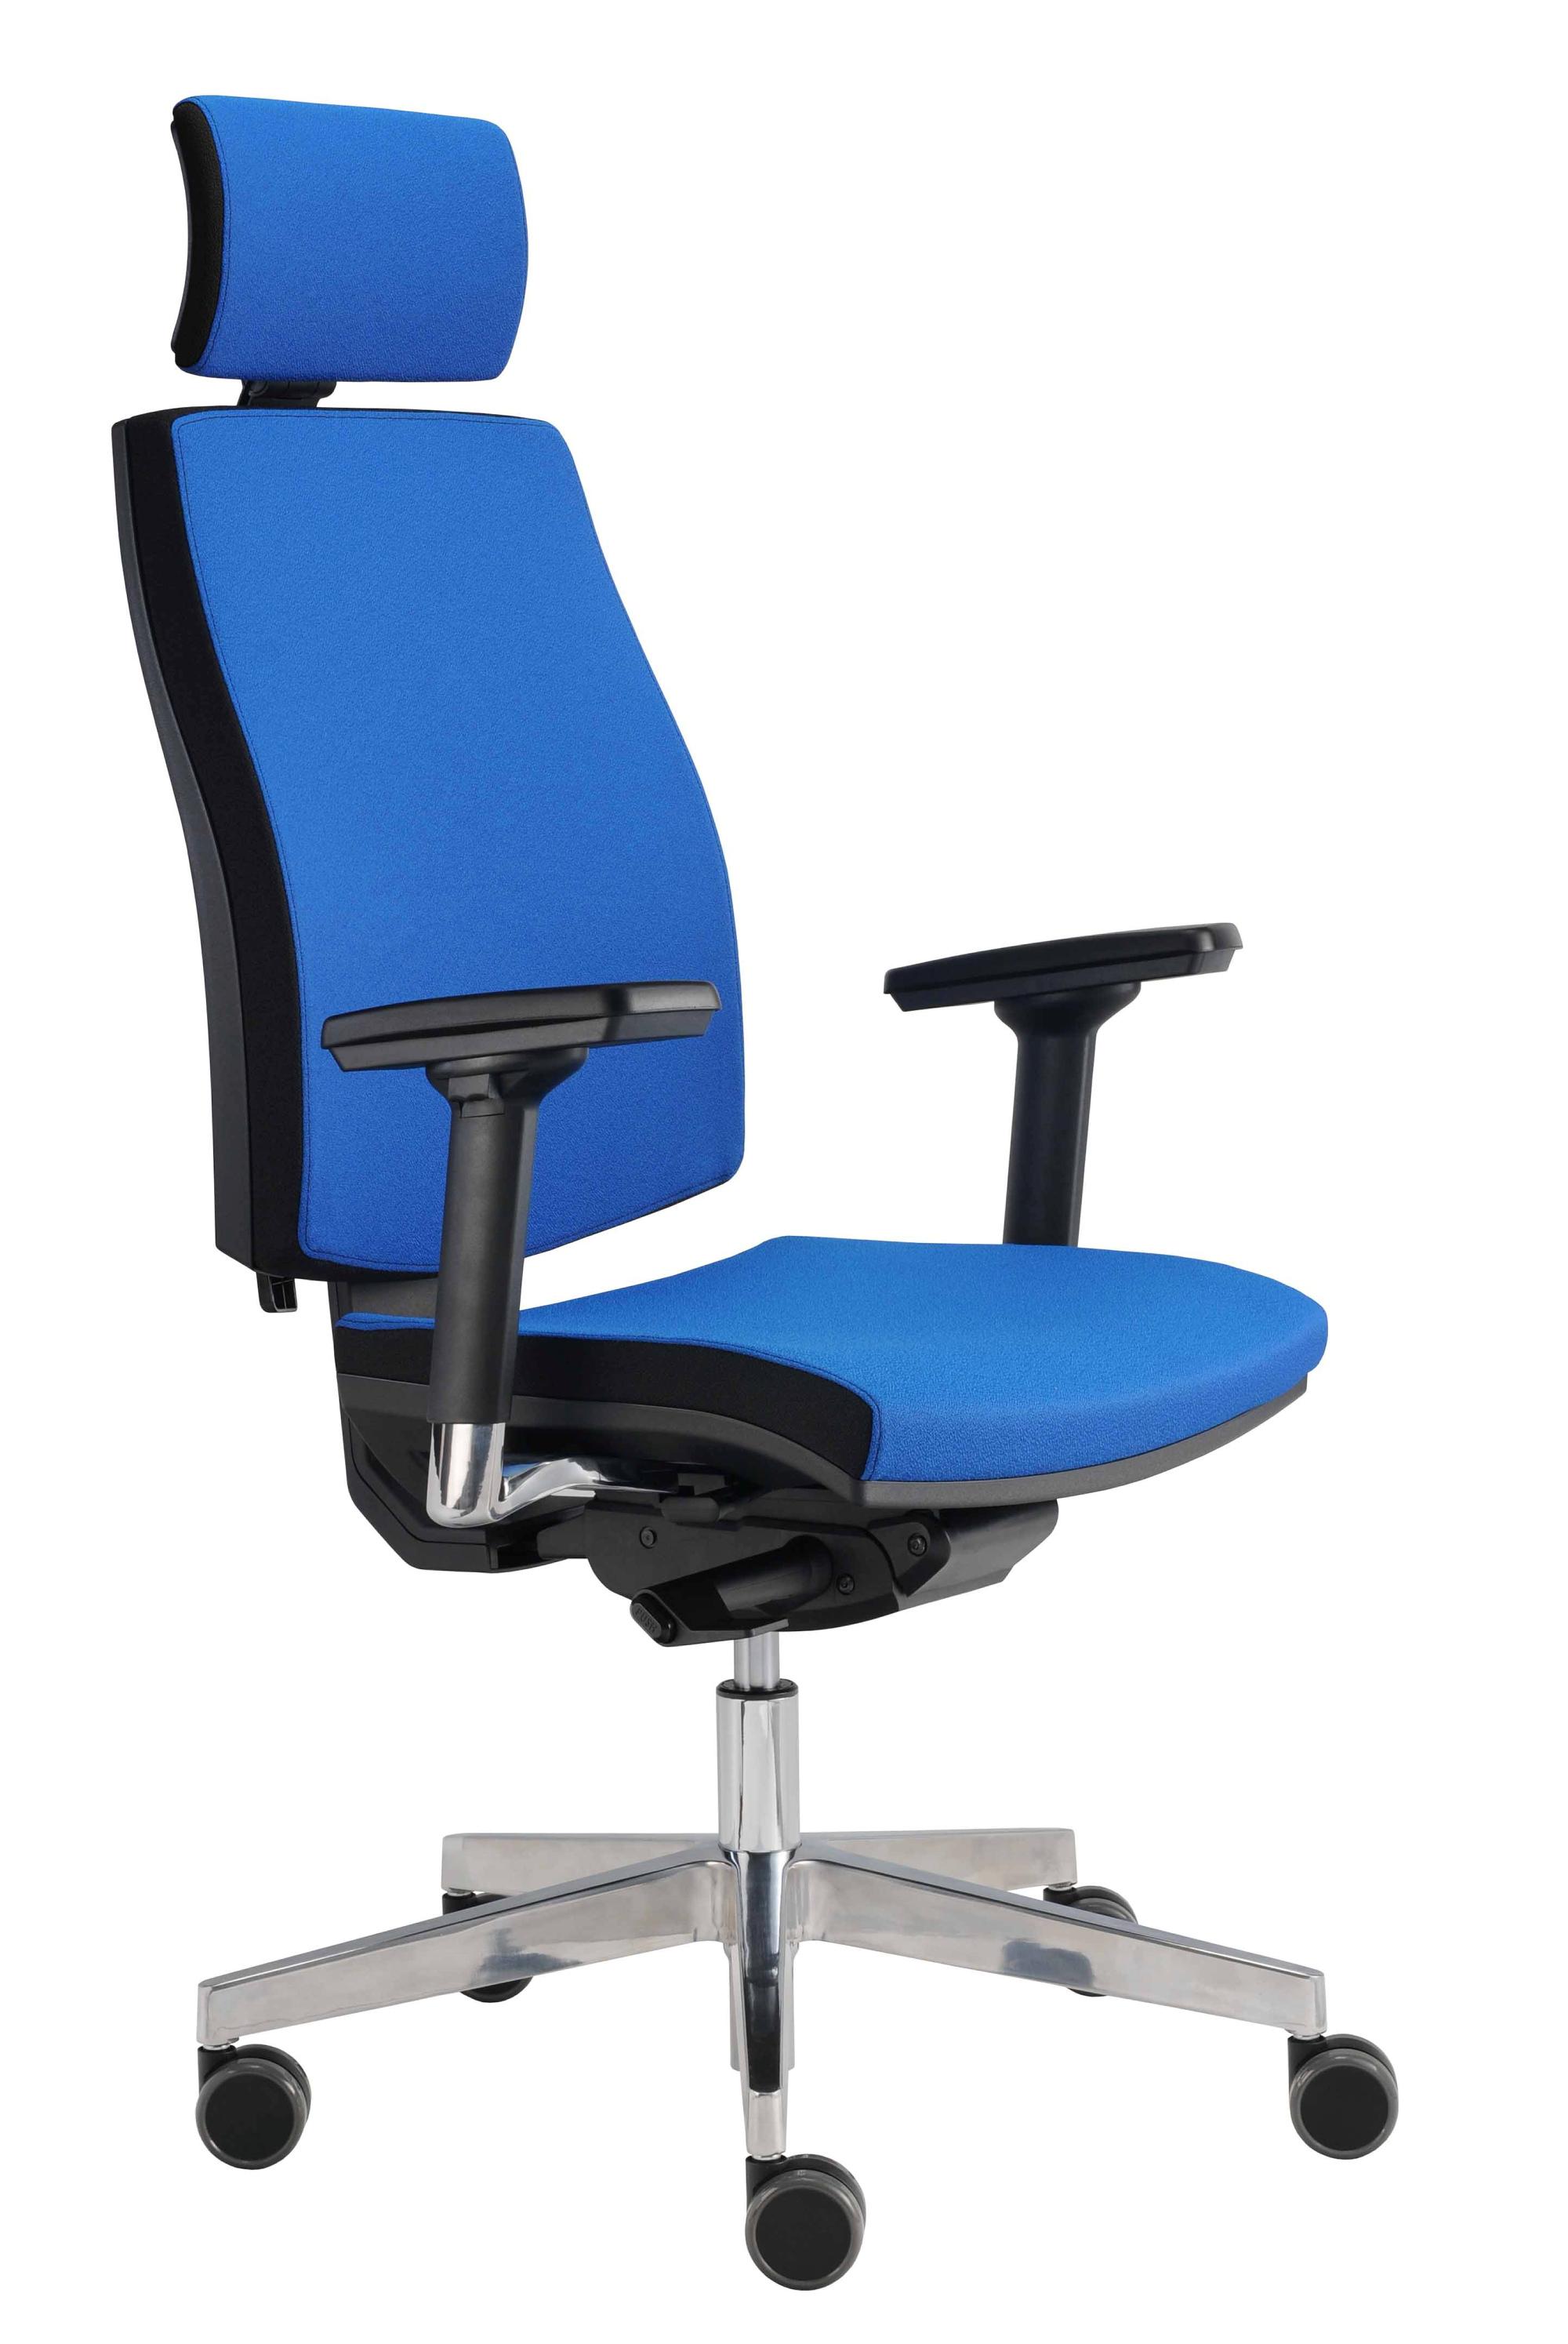 Drehstuhl Premium 1, blau